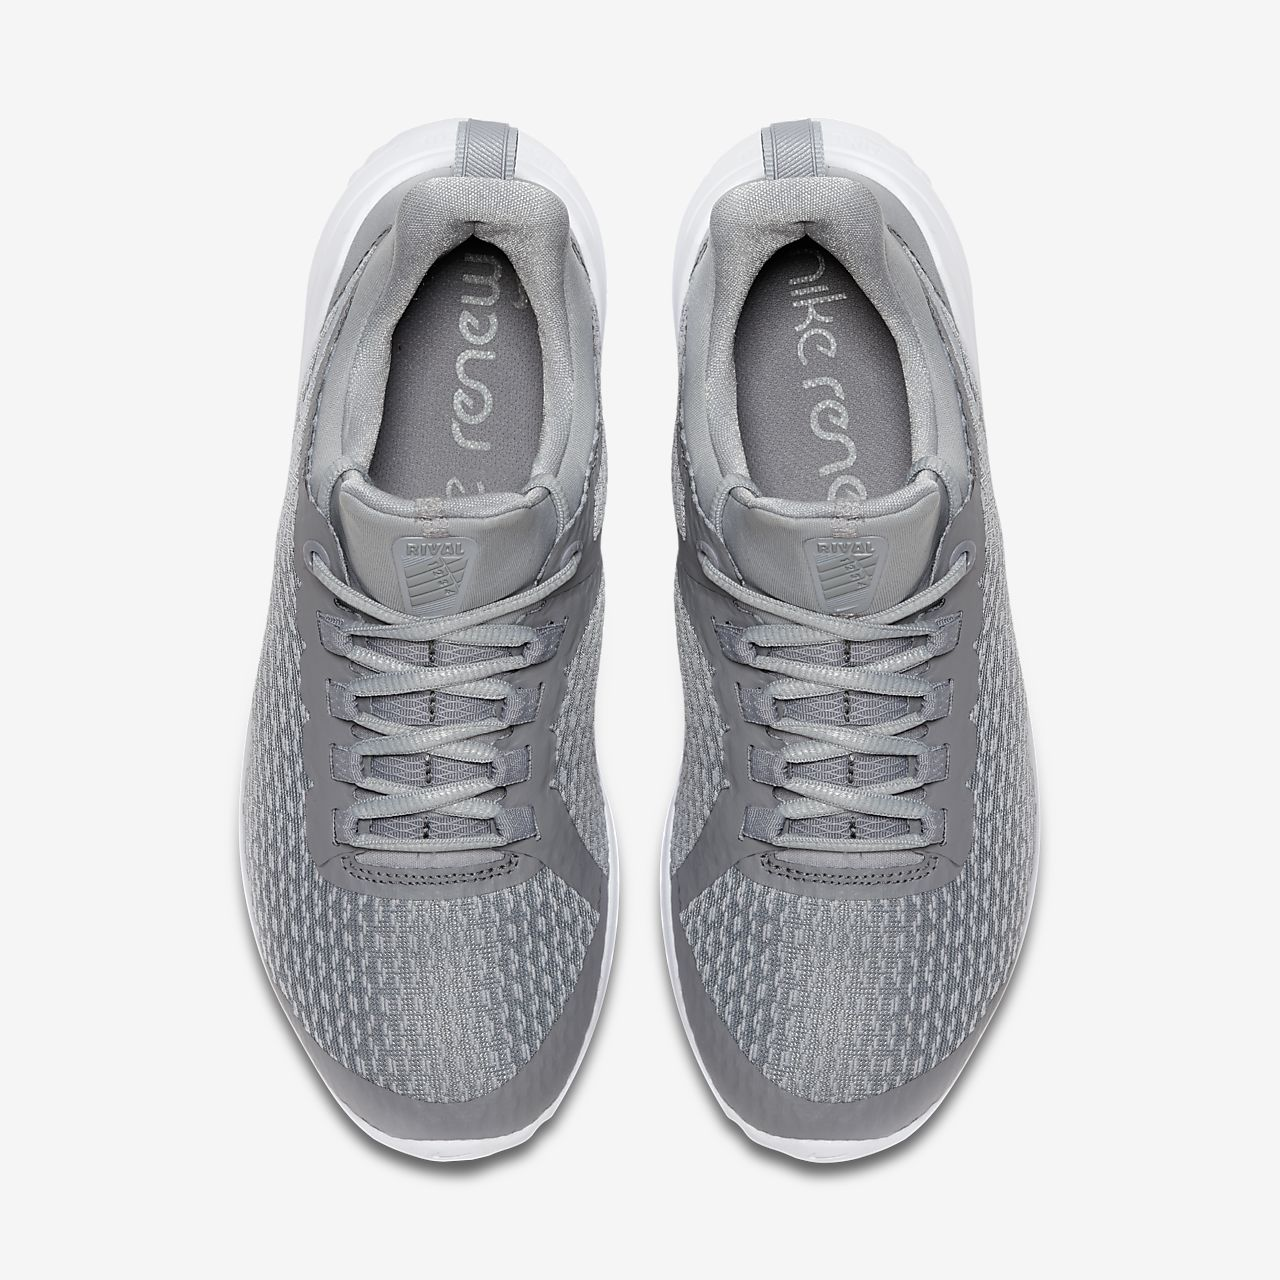 6c932c9f1f163 Nike Renew Rival Women s Running Shoe. Nike.com